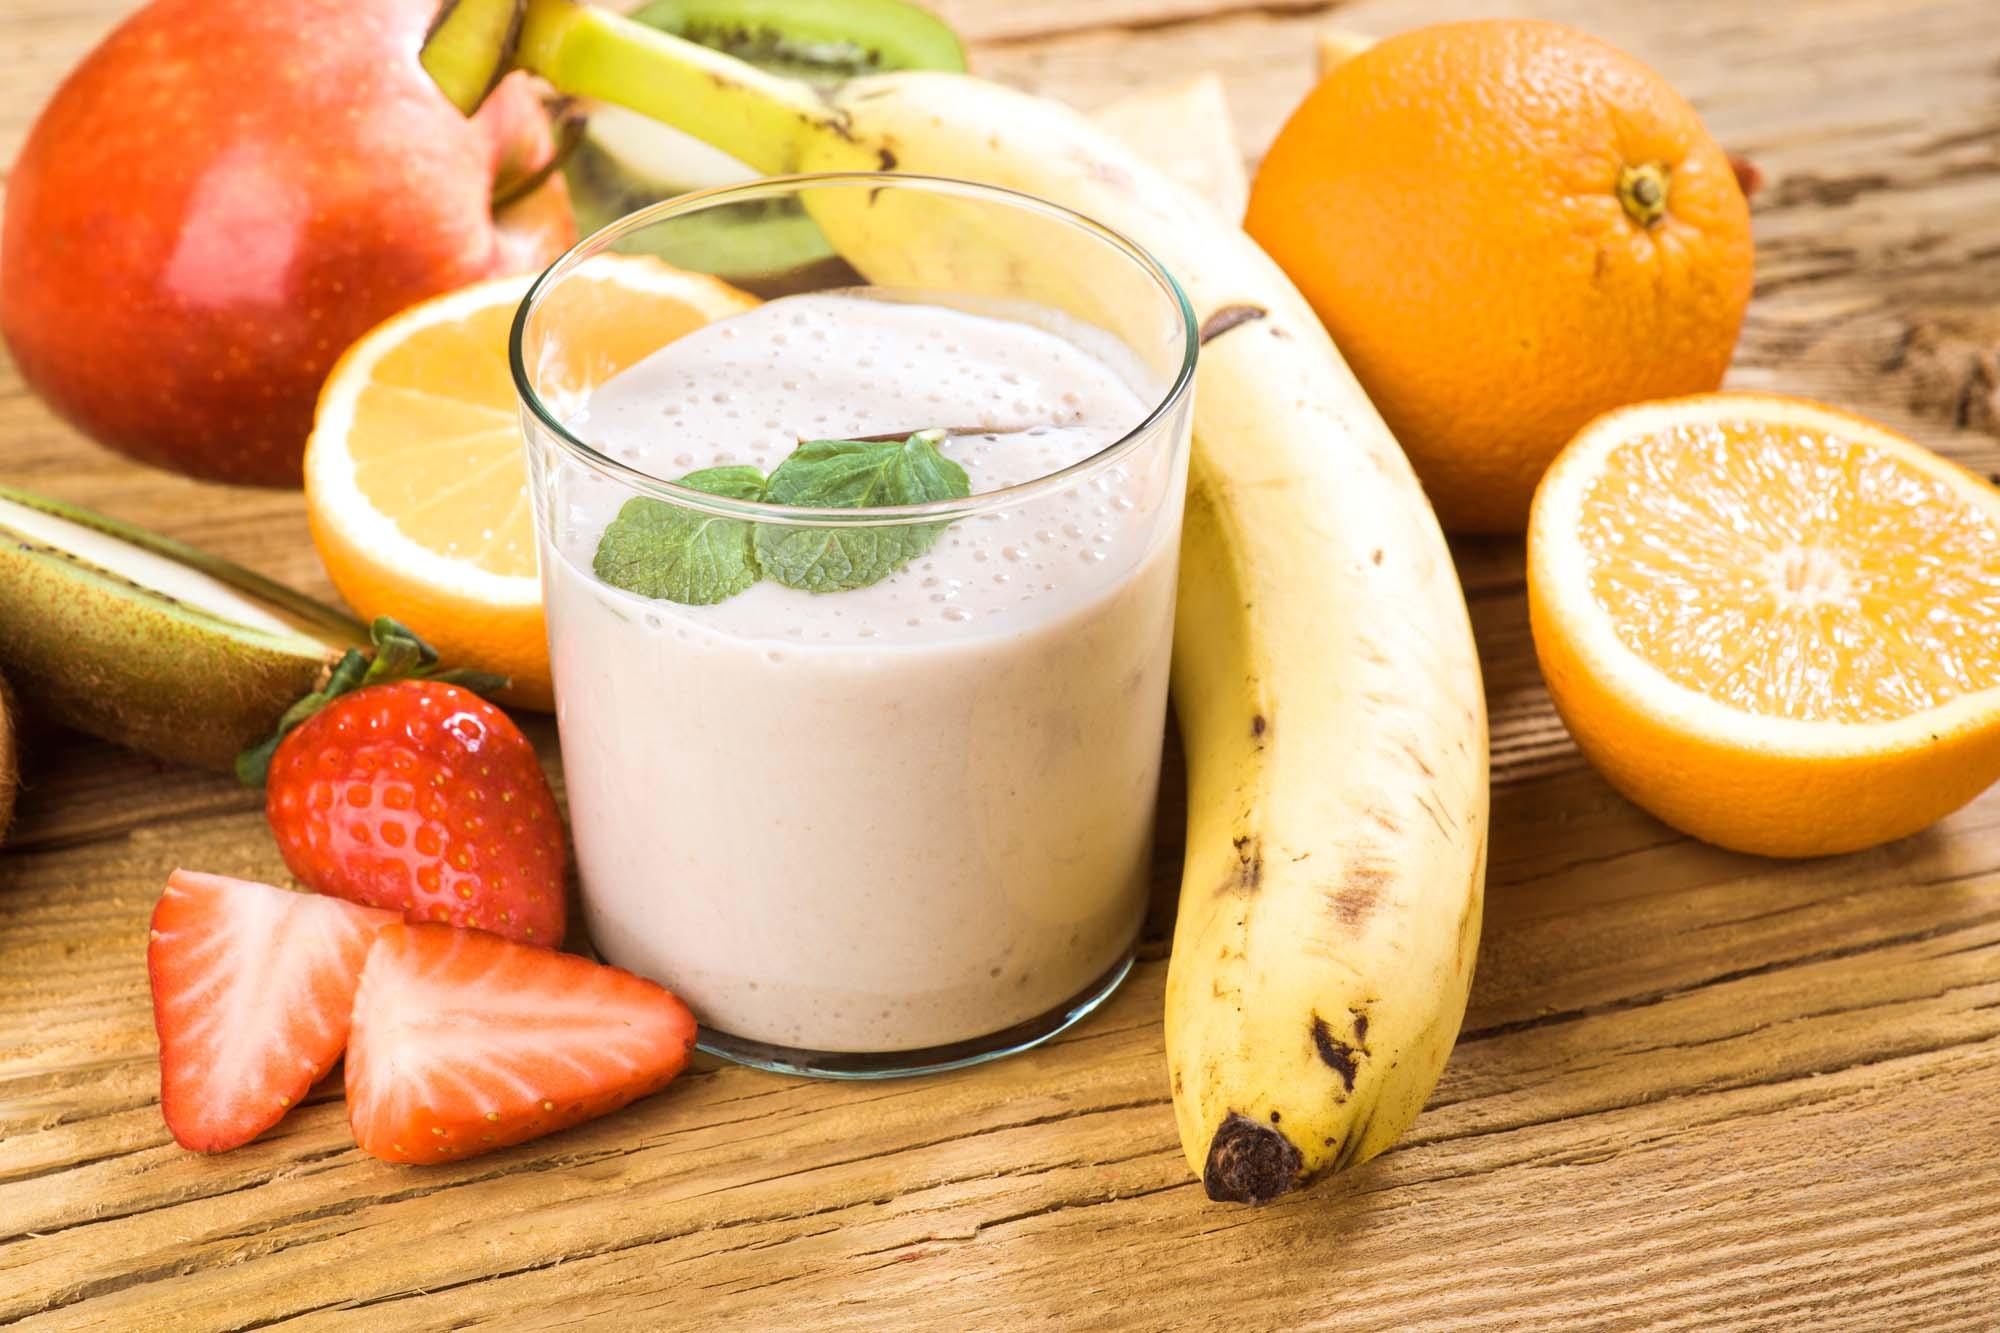 Appelsin-banan-jordbær smoothie